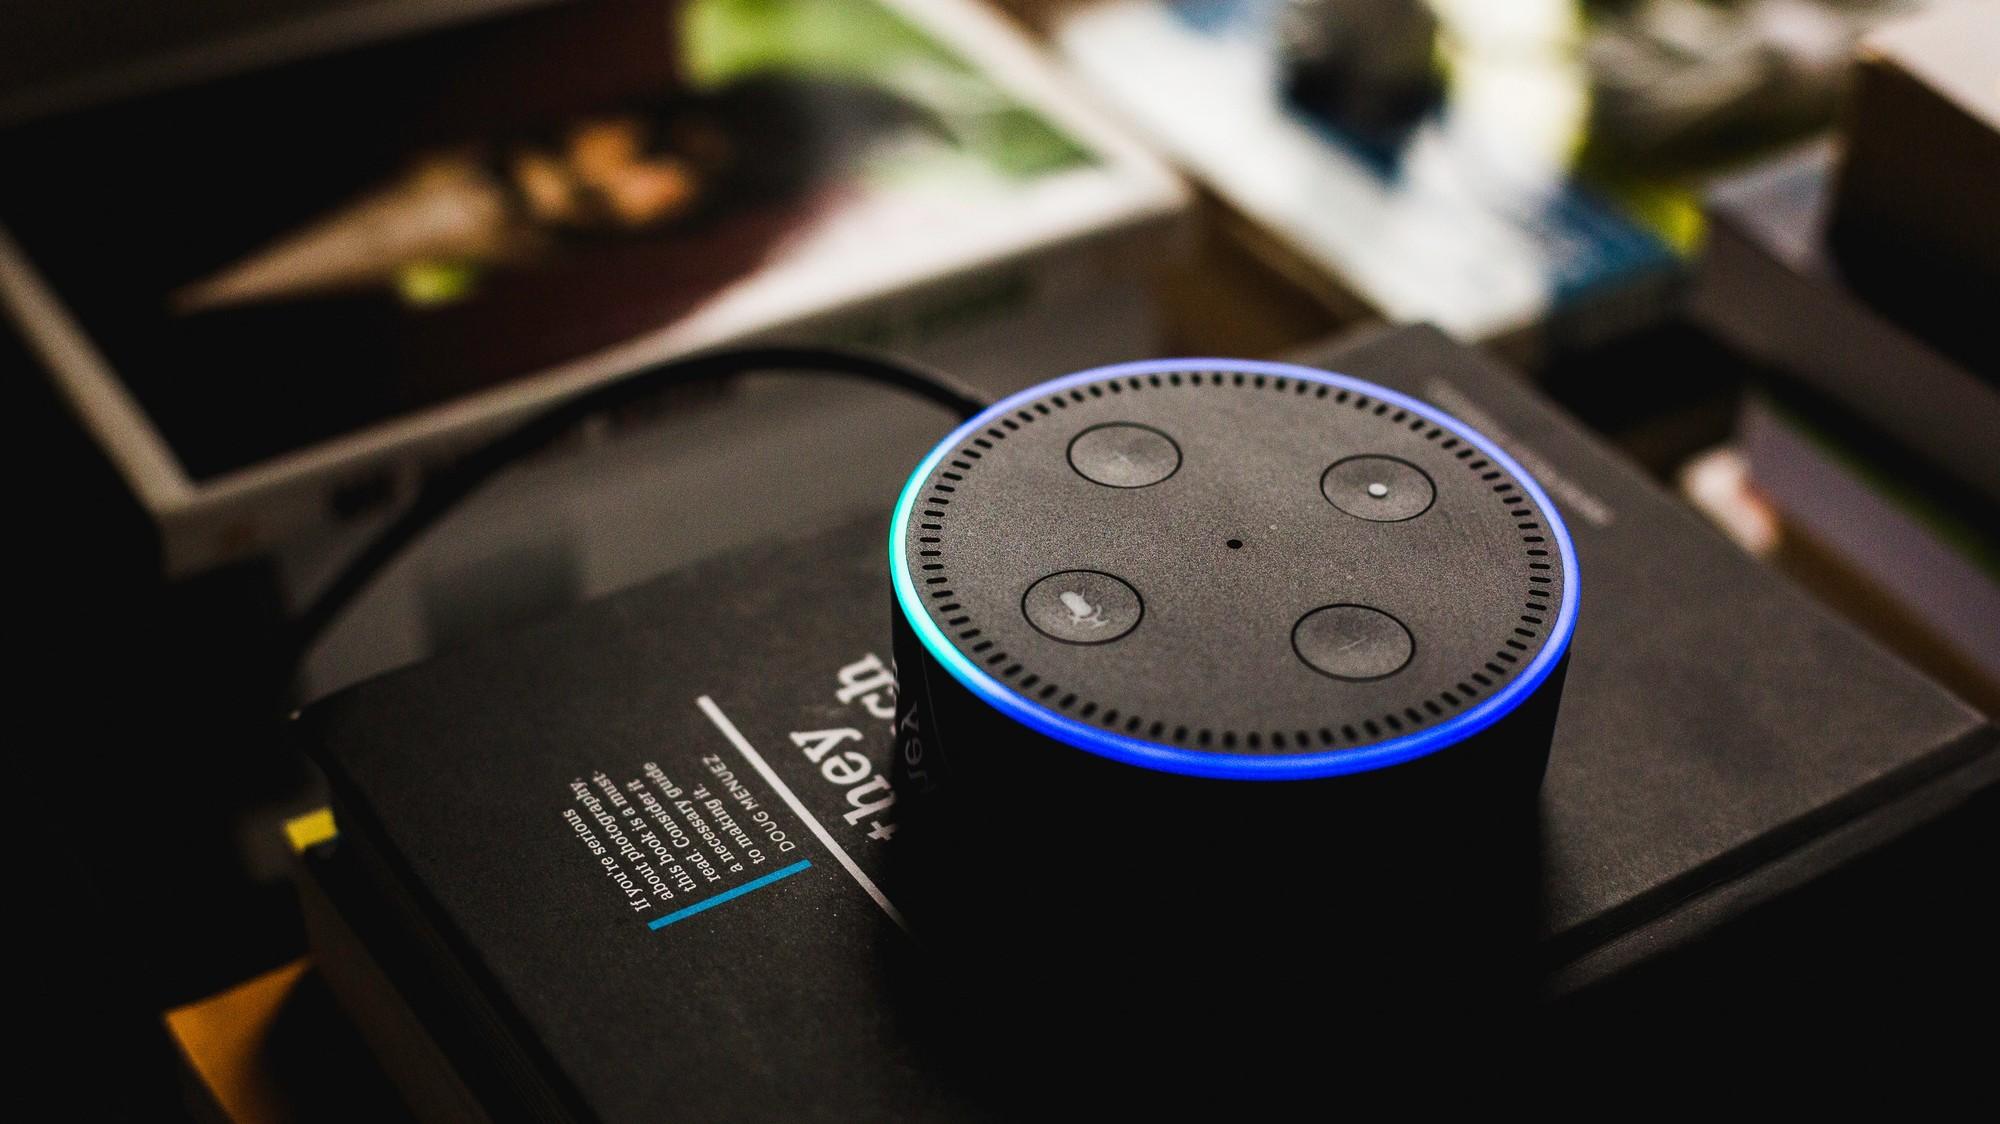 Amazon отослала 1700 аудиозаписей пользователя Alexa случайному человеку